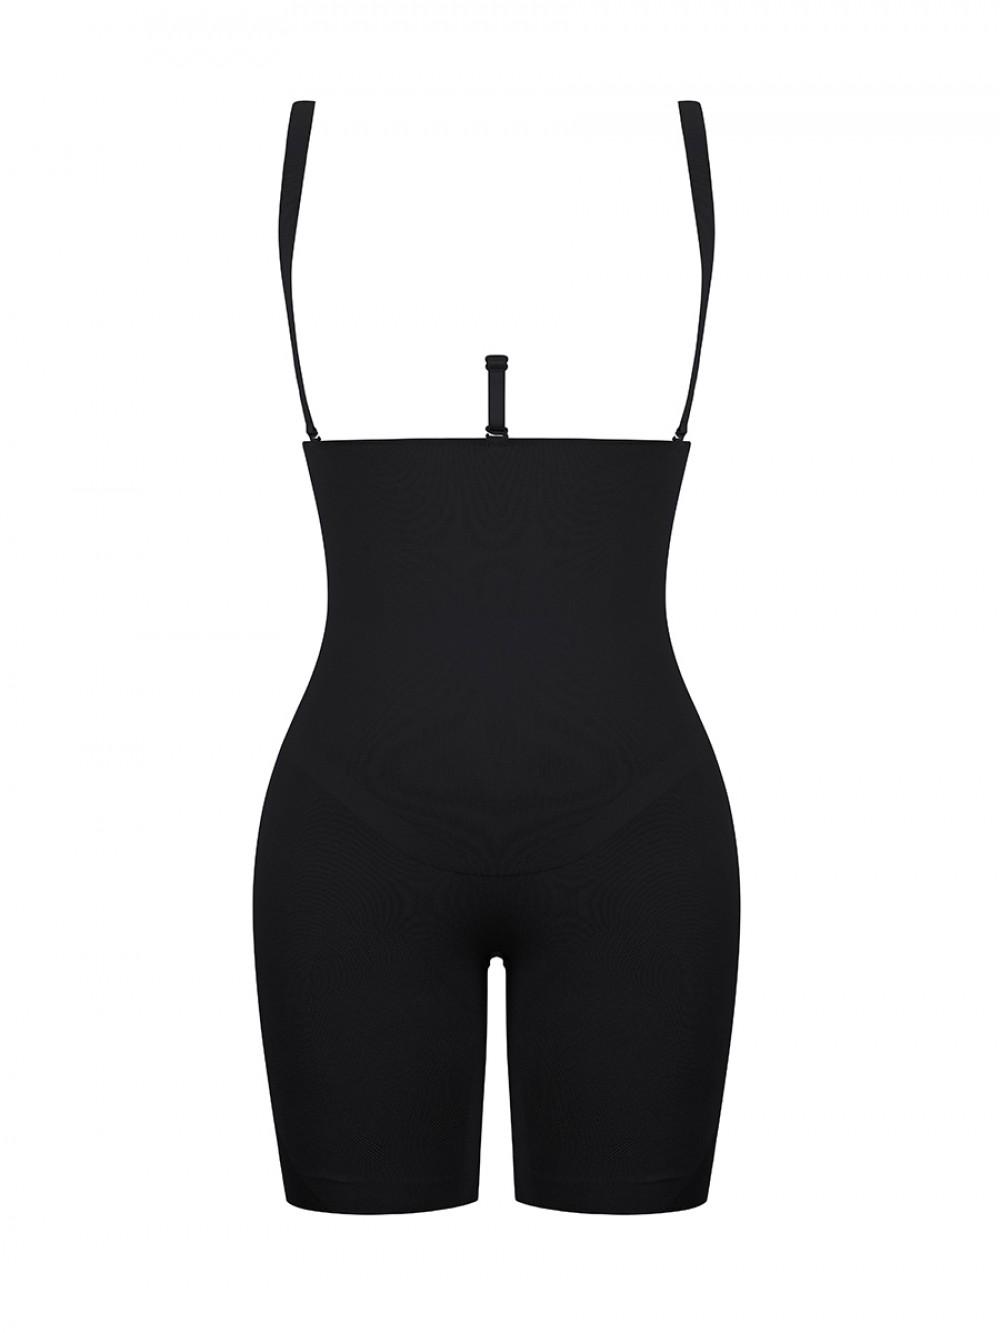 Black Queen Size Open Gusset Body Shaper Butt Lifting